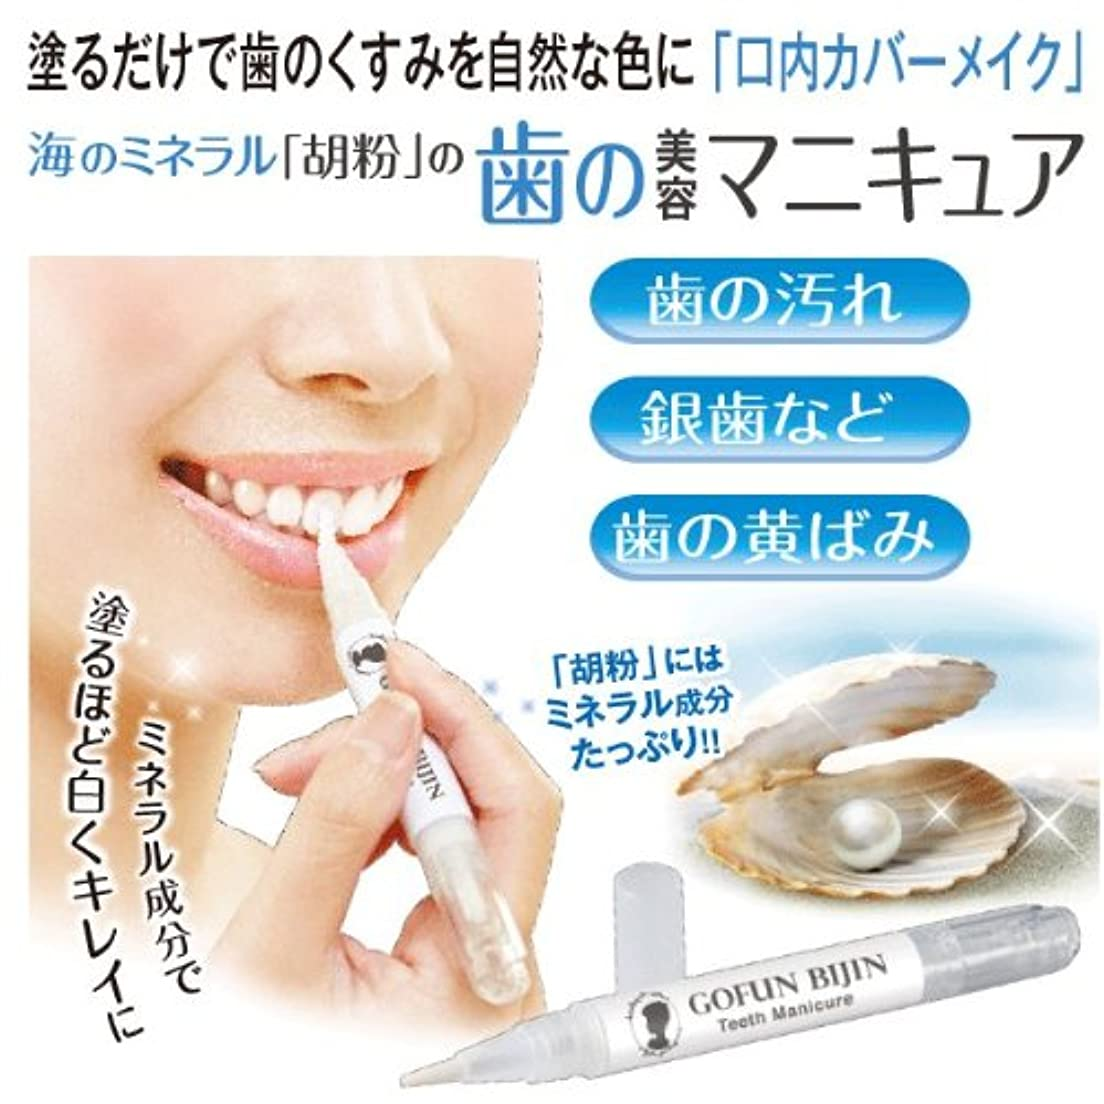 紳士直立不承認胡粉美人 歯マニキュア 歯にミネラルを補給してキレイに